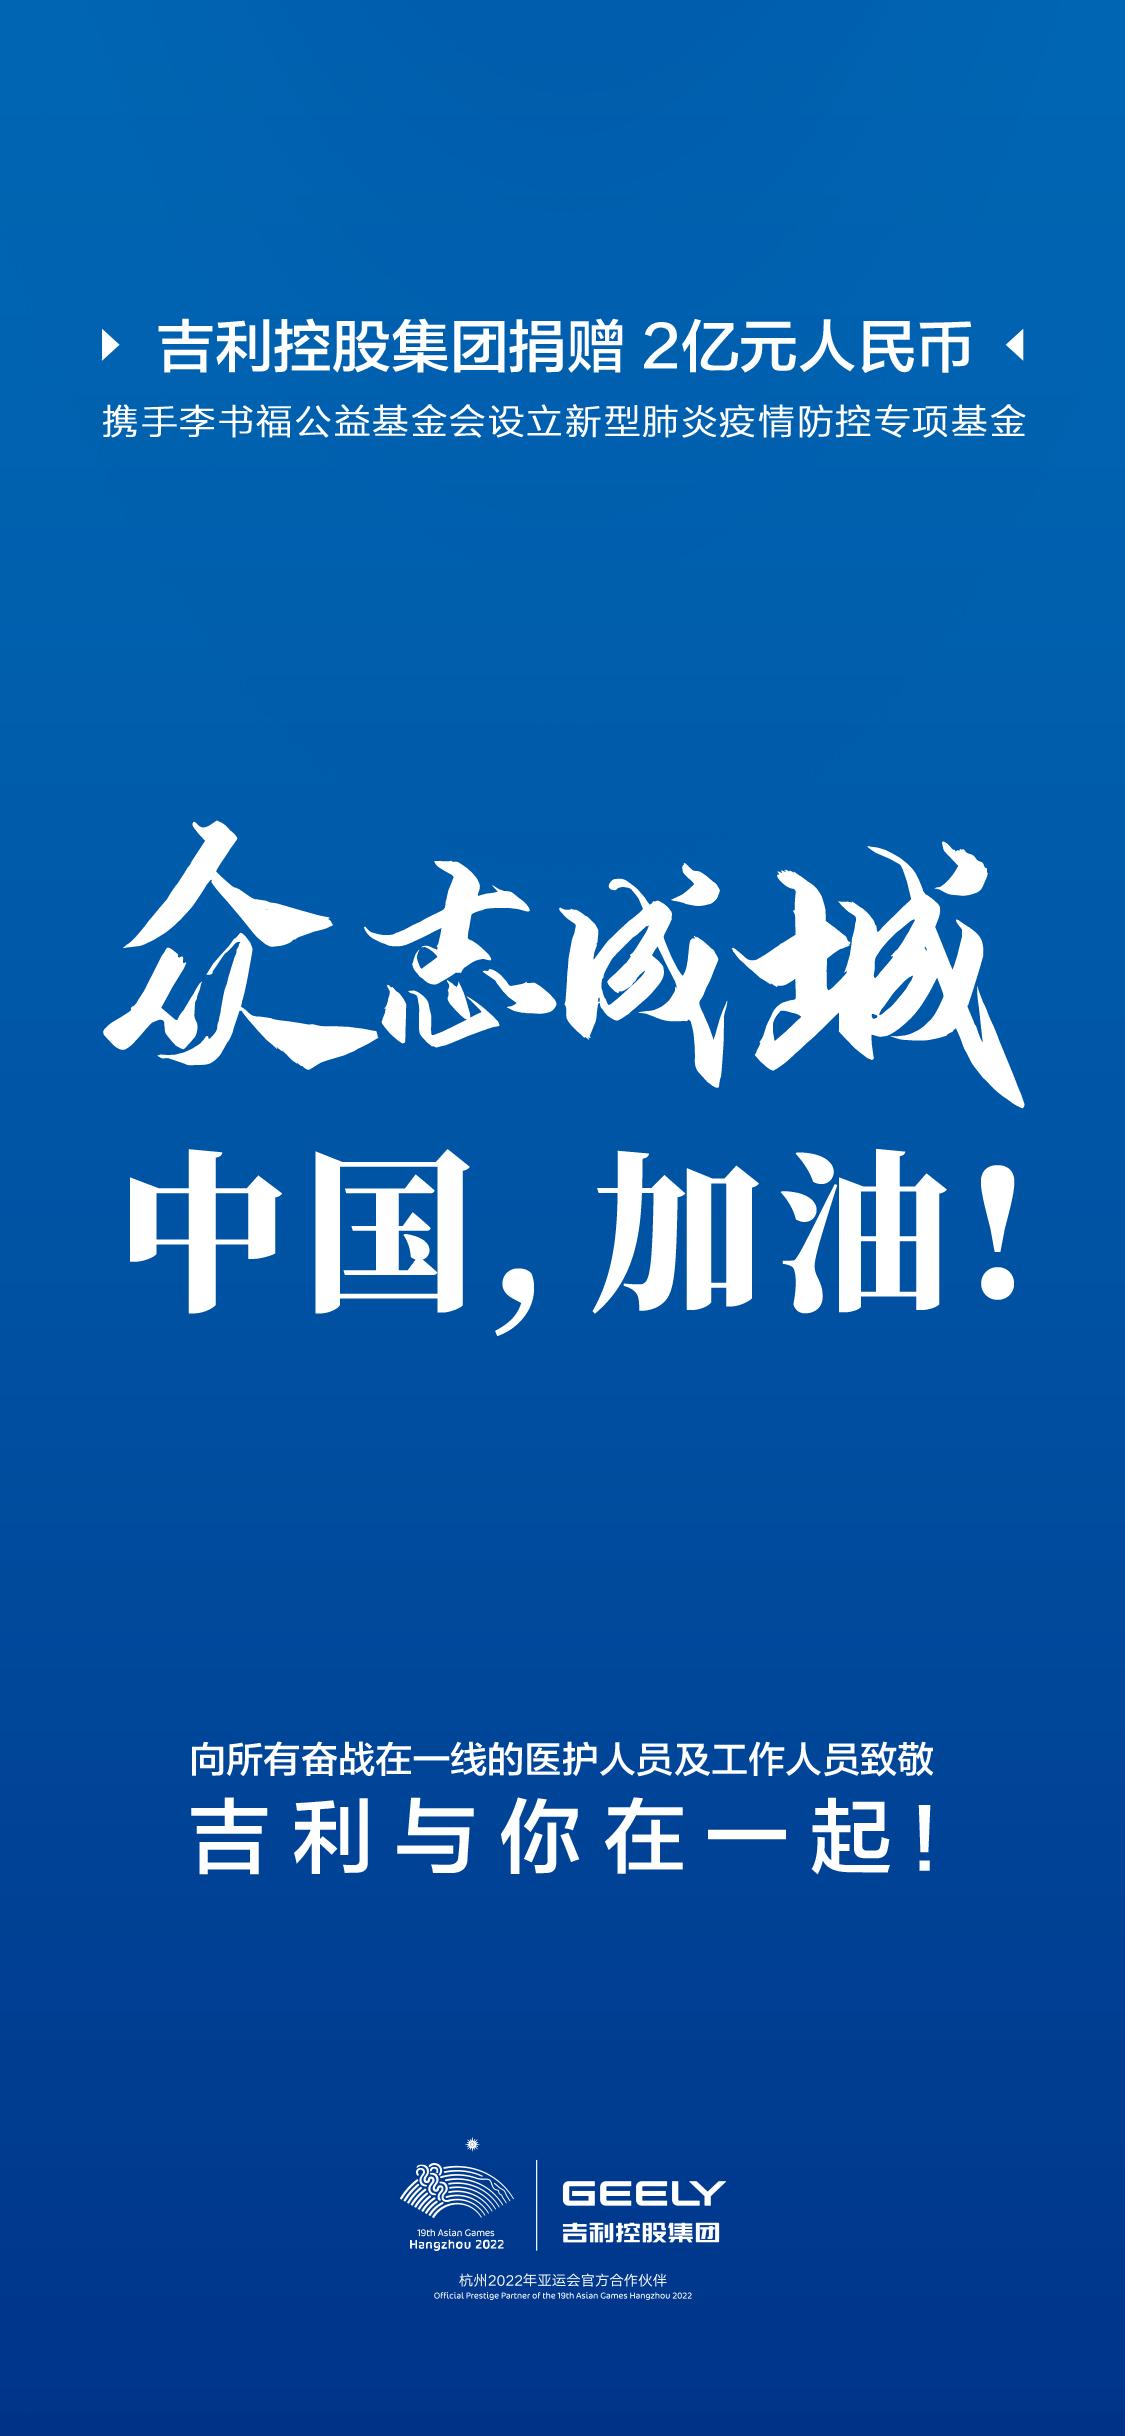 吉利控股集团 李书福公益基金会设立2亿元肺炎疫情防控专项基金